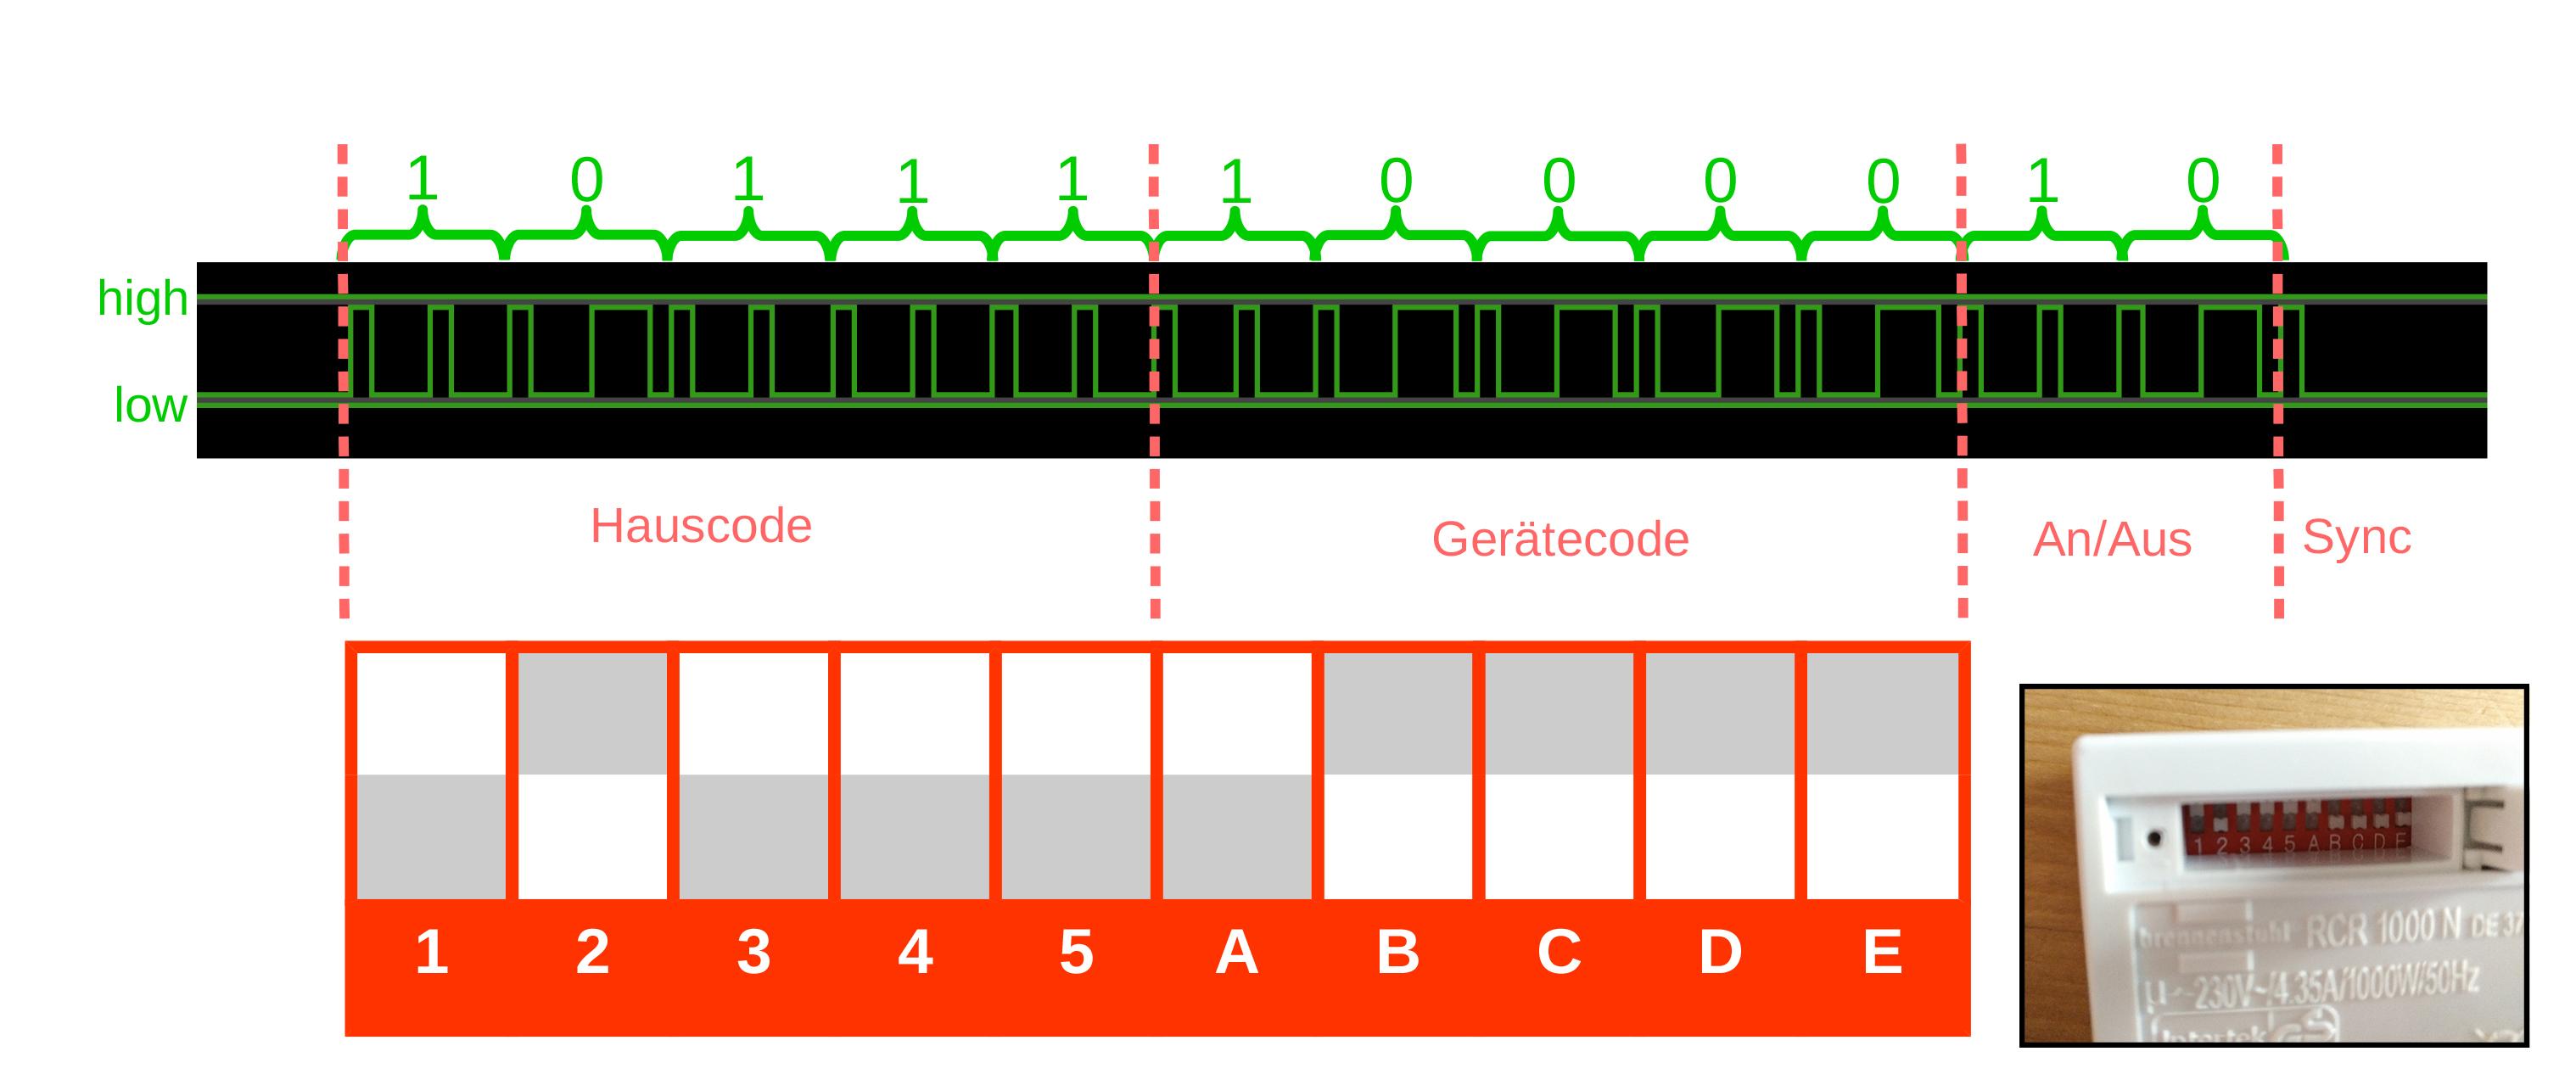 Entwurf signalerklarung mit dip schalter s2ypuochyr